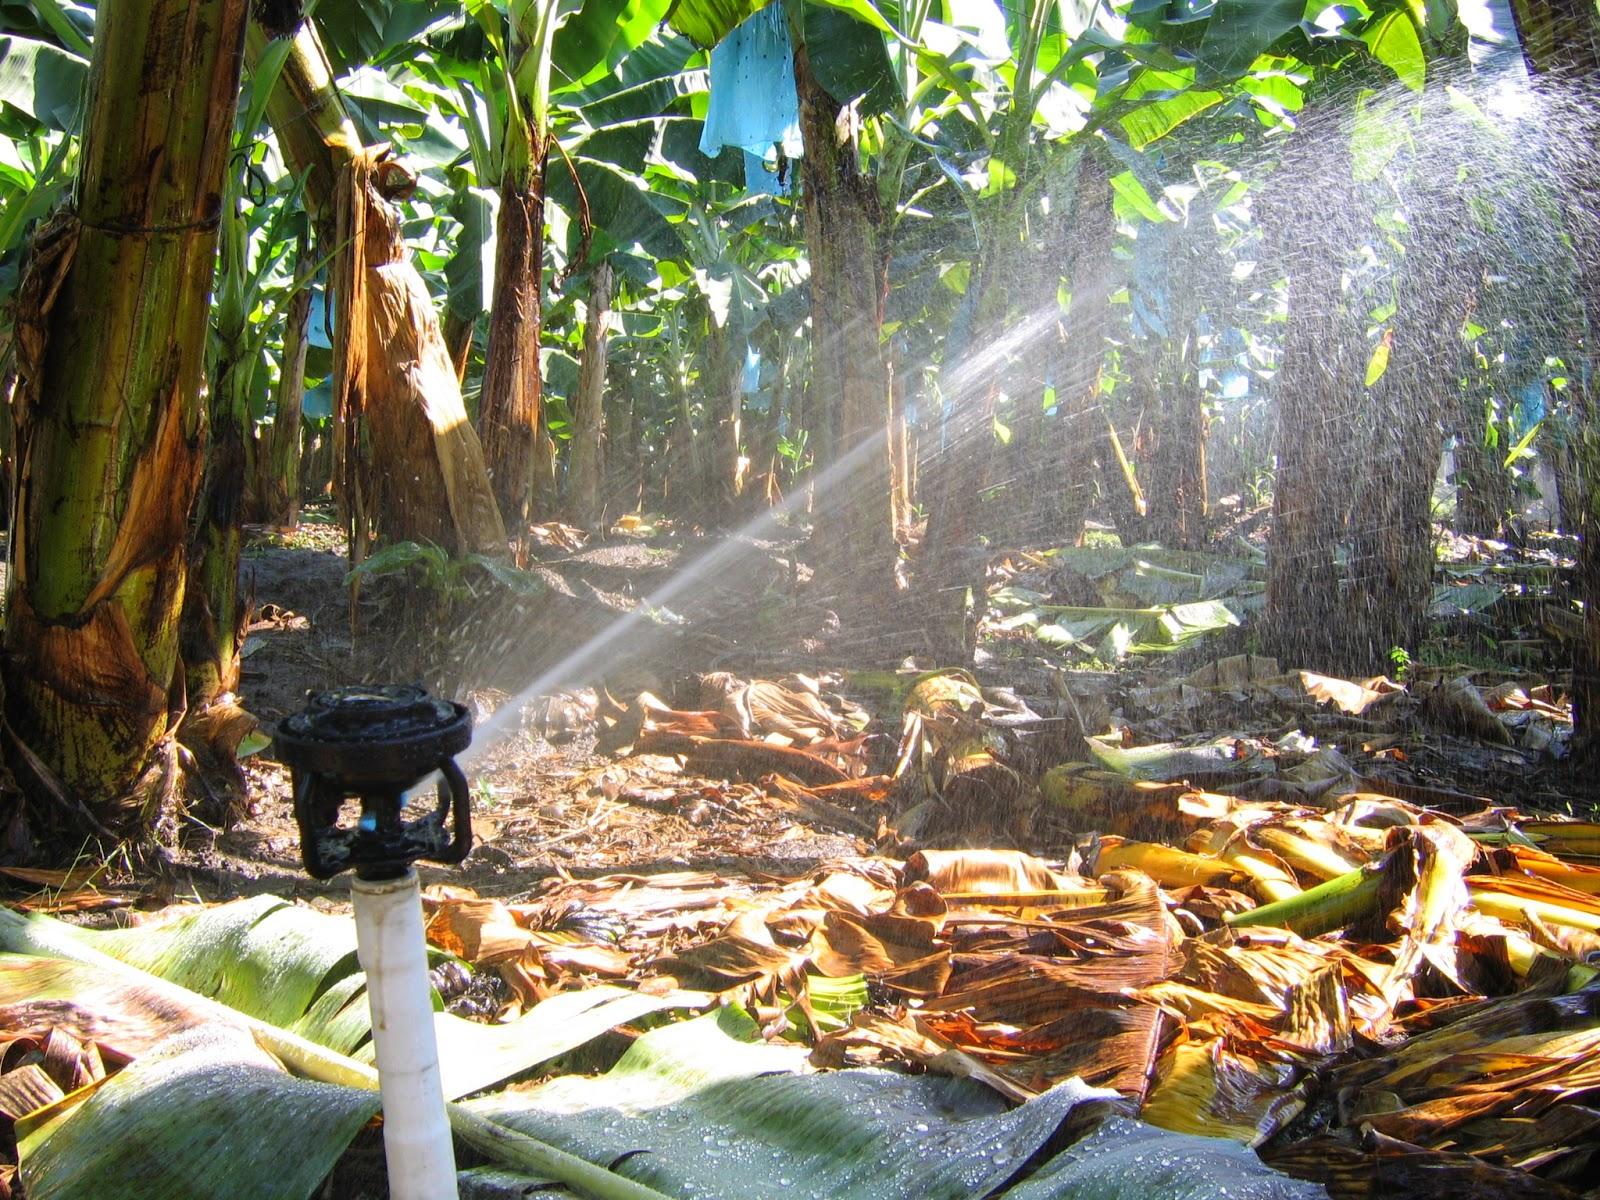 Béc tưới tự động LF2400 Rainbird tưới cây chuối